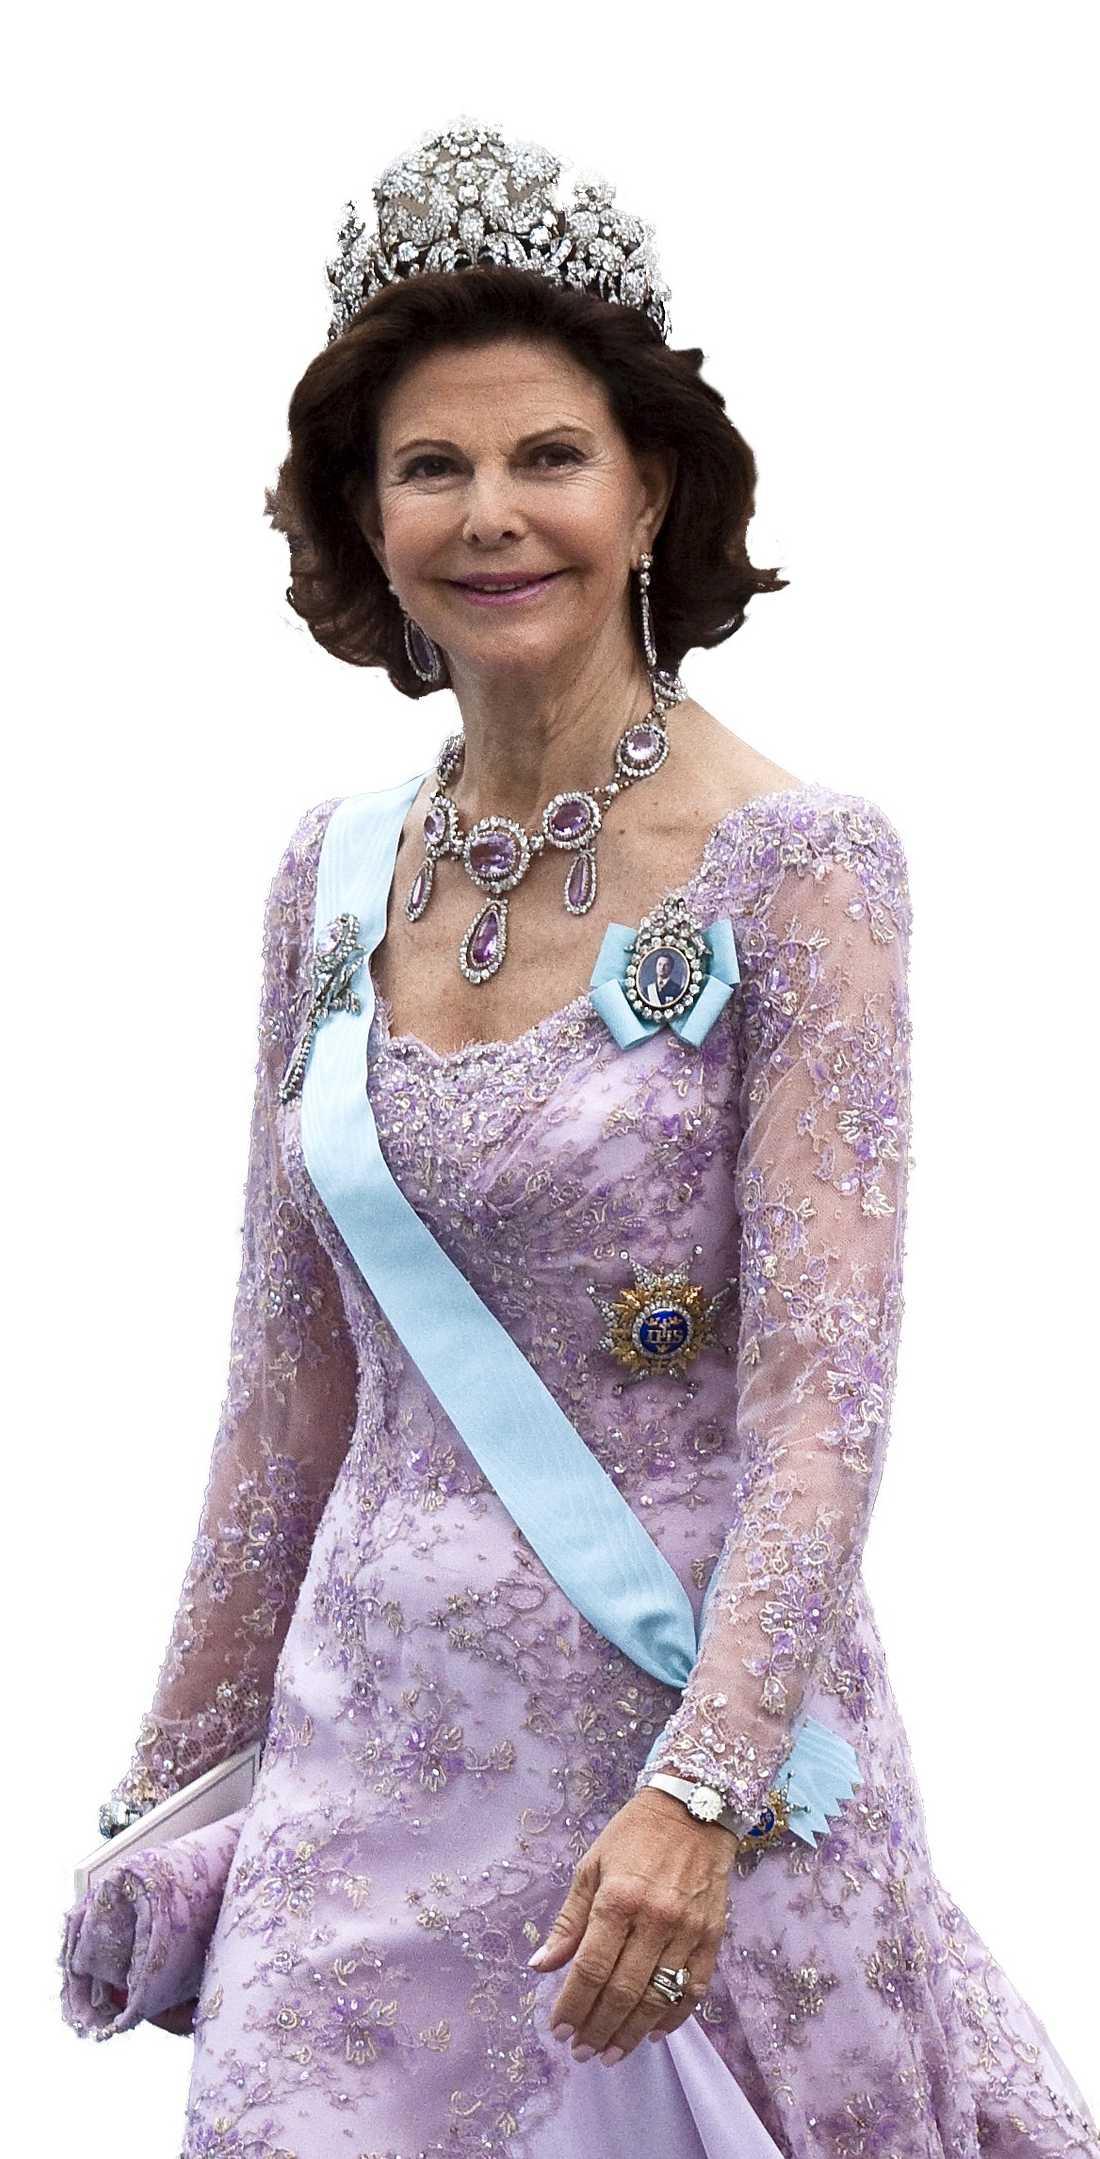 Drottning Silvia förförde hela svenska folket. Nu har hon varit drottning i drygt 35 år.